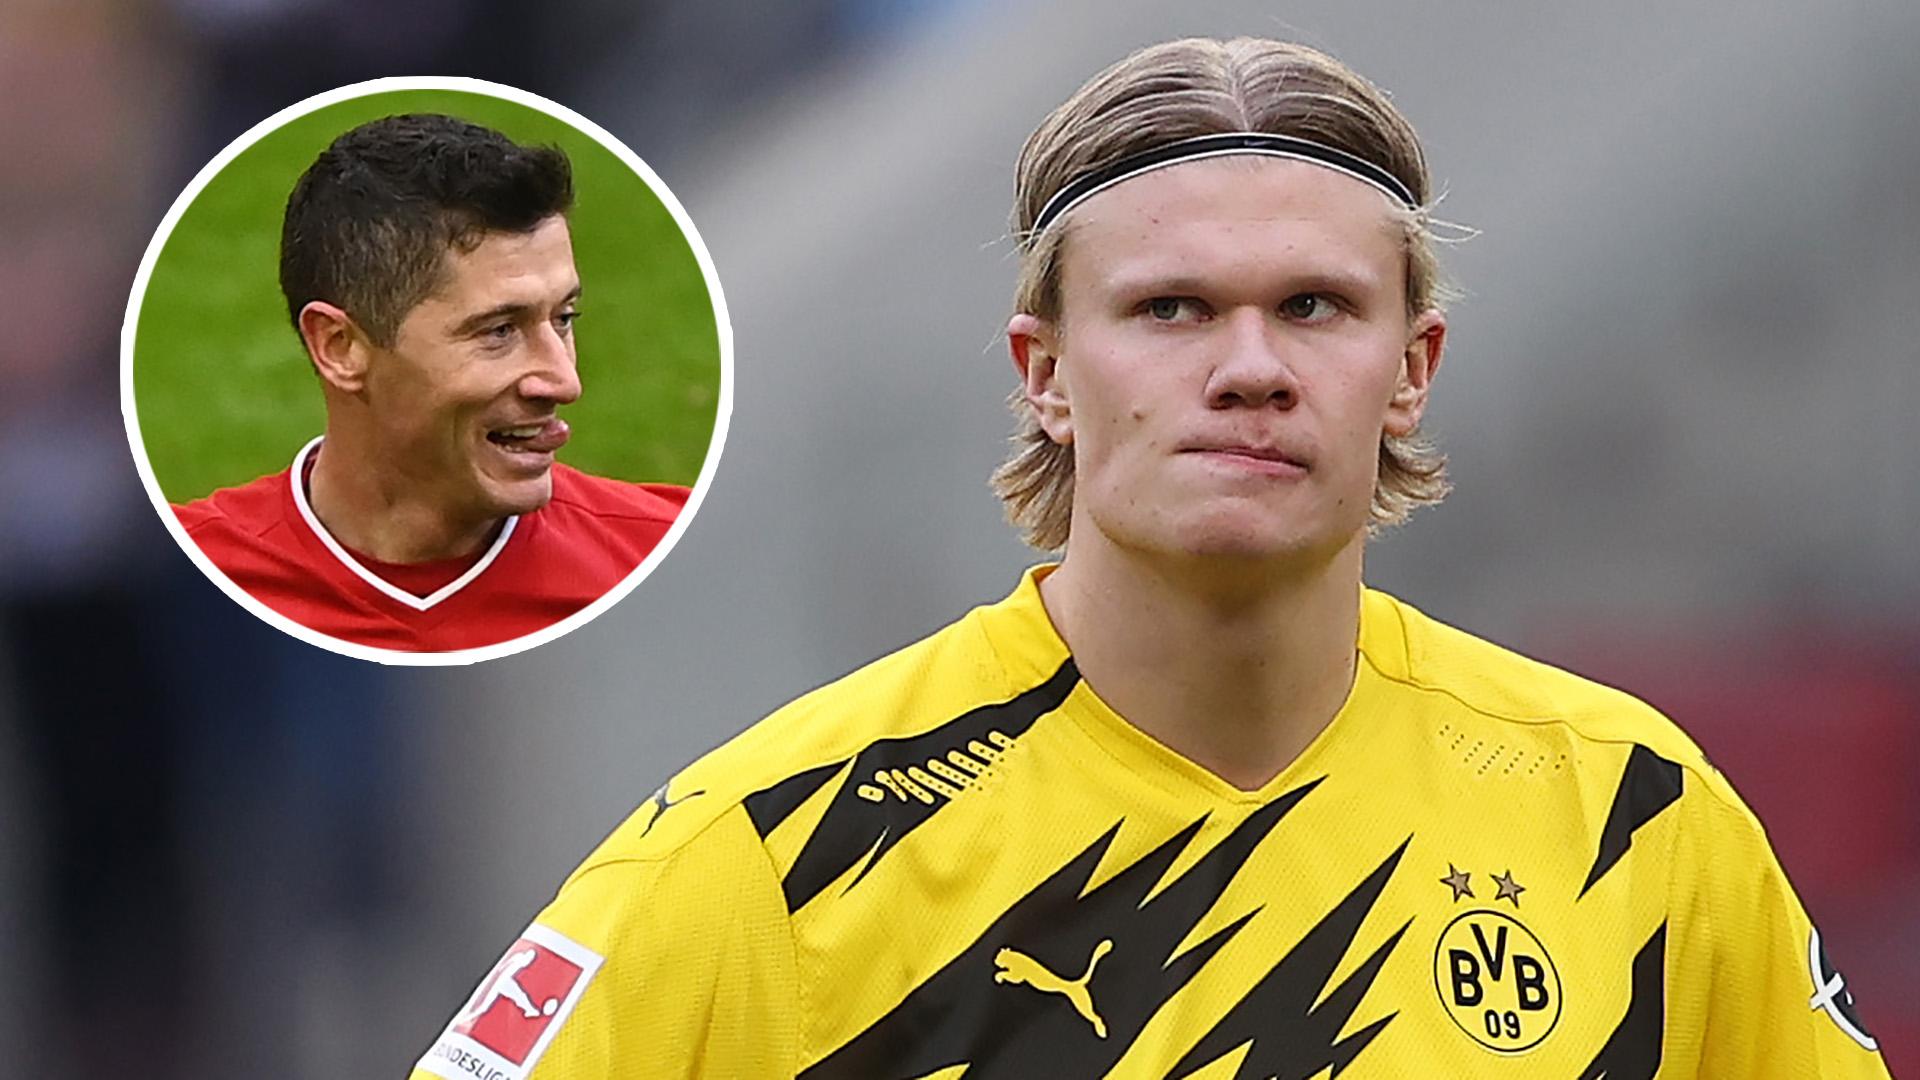 鲁梅尼格:拜仁已经拥有世一锋莱万 今夏不会竞争签下哈兰德